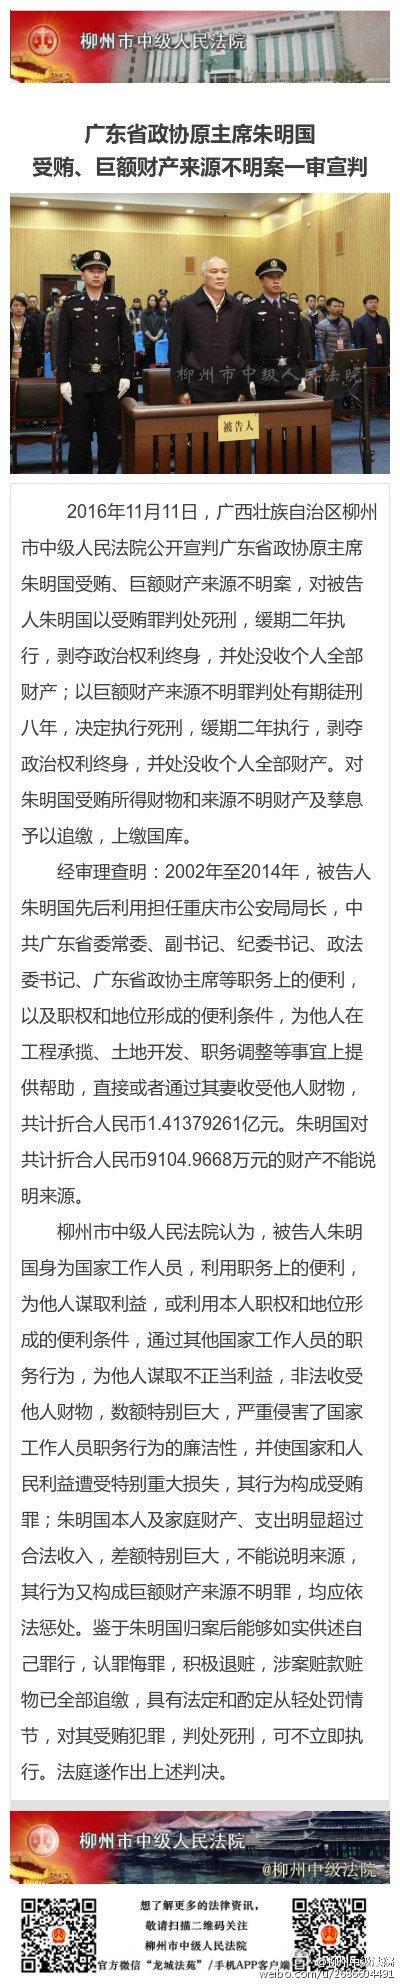 广东政协原主席朱明国受贿1.4亿元 被判死缓